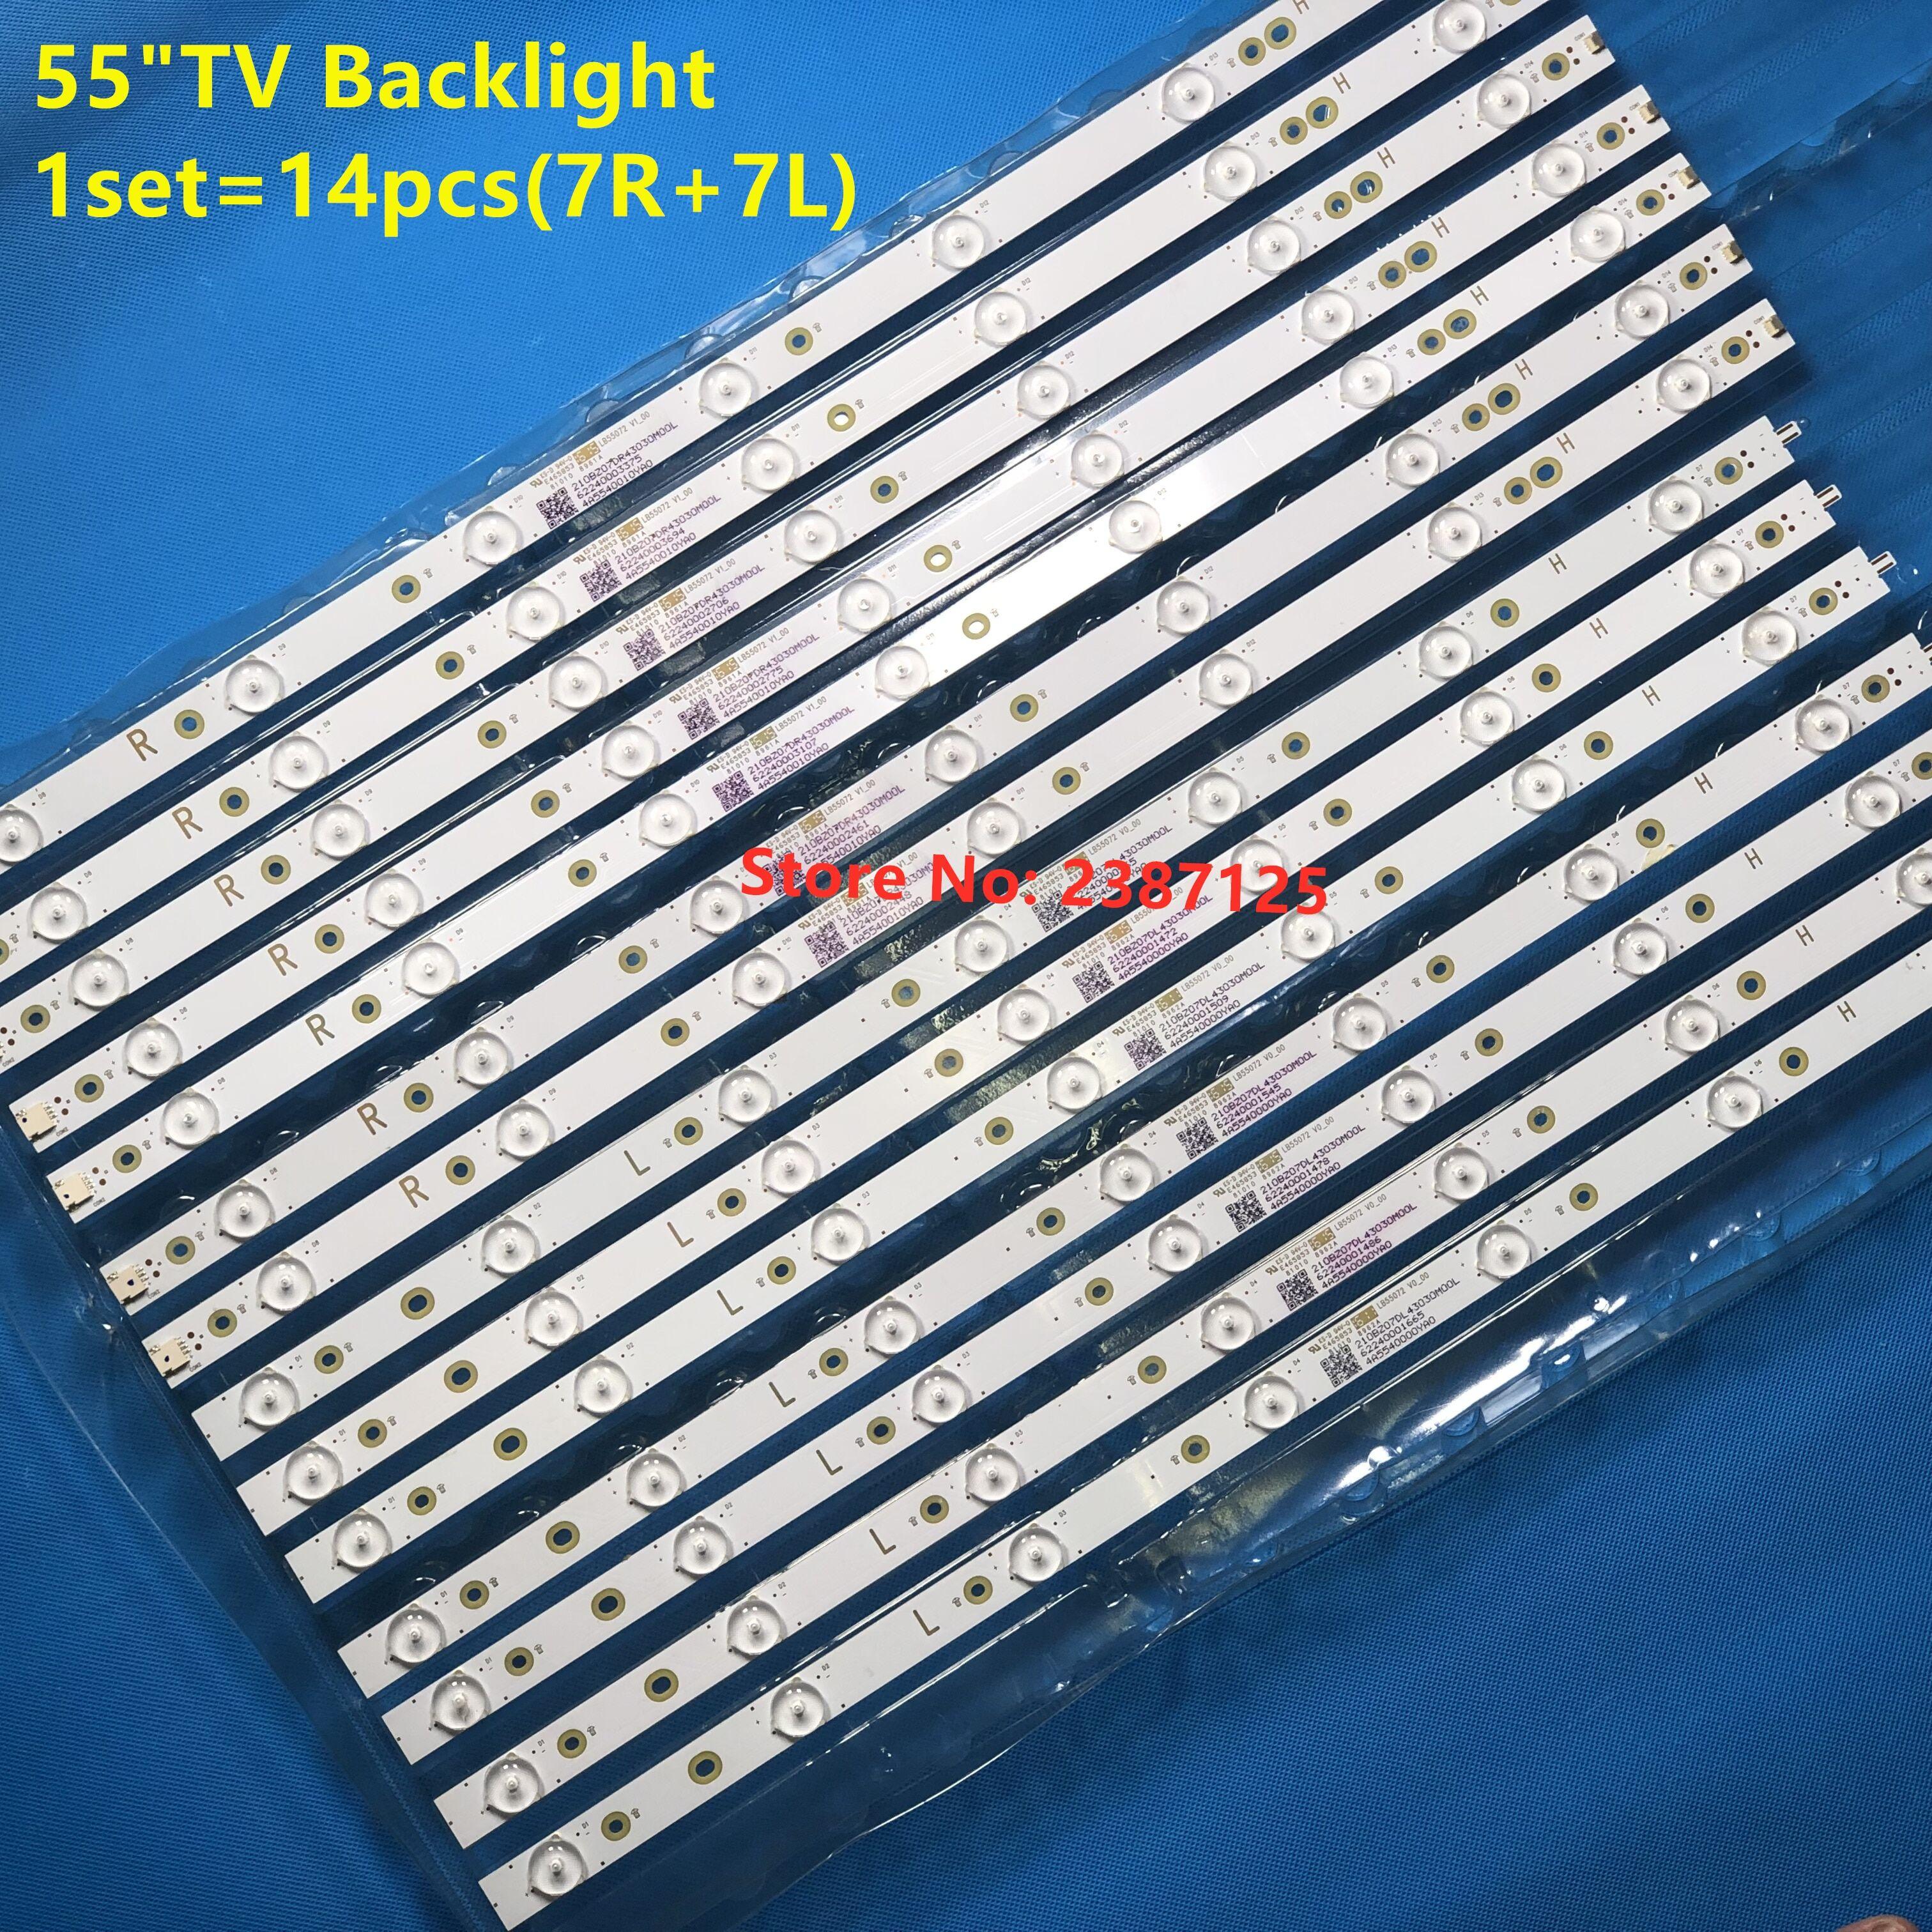 AliExpress 14 PIÈCES (7R + 7L) Pour 55 'TV LED bande de RTRO-CLAIRAGE 55PFF5701/T3 LB55072 55PUS6501/12